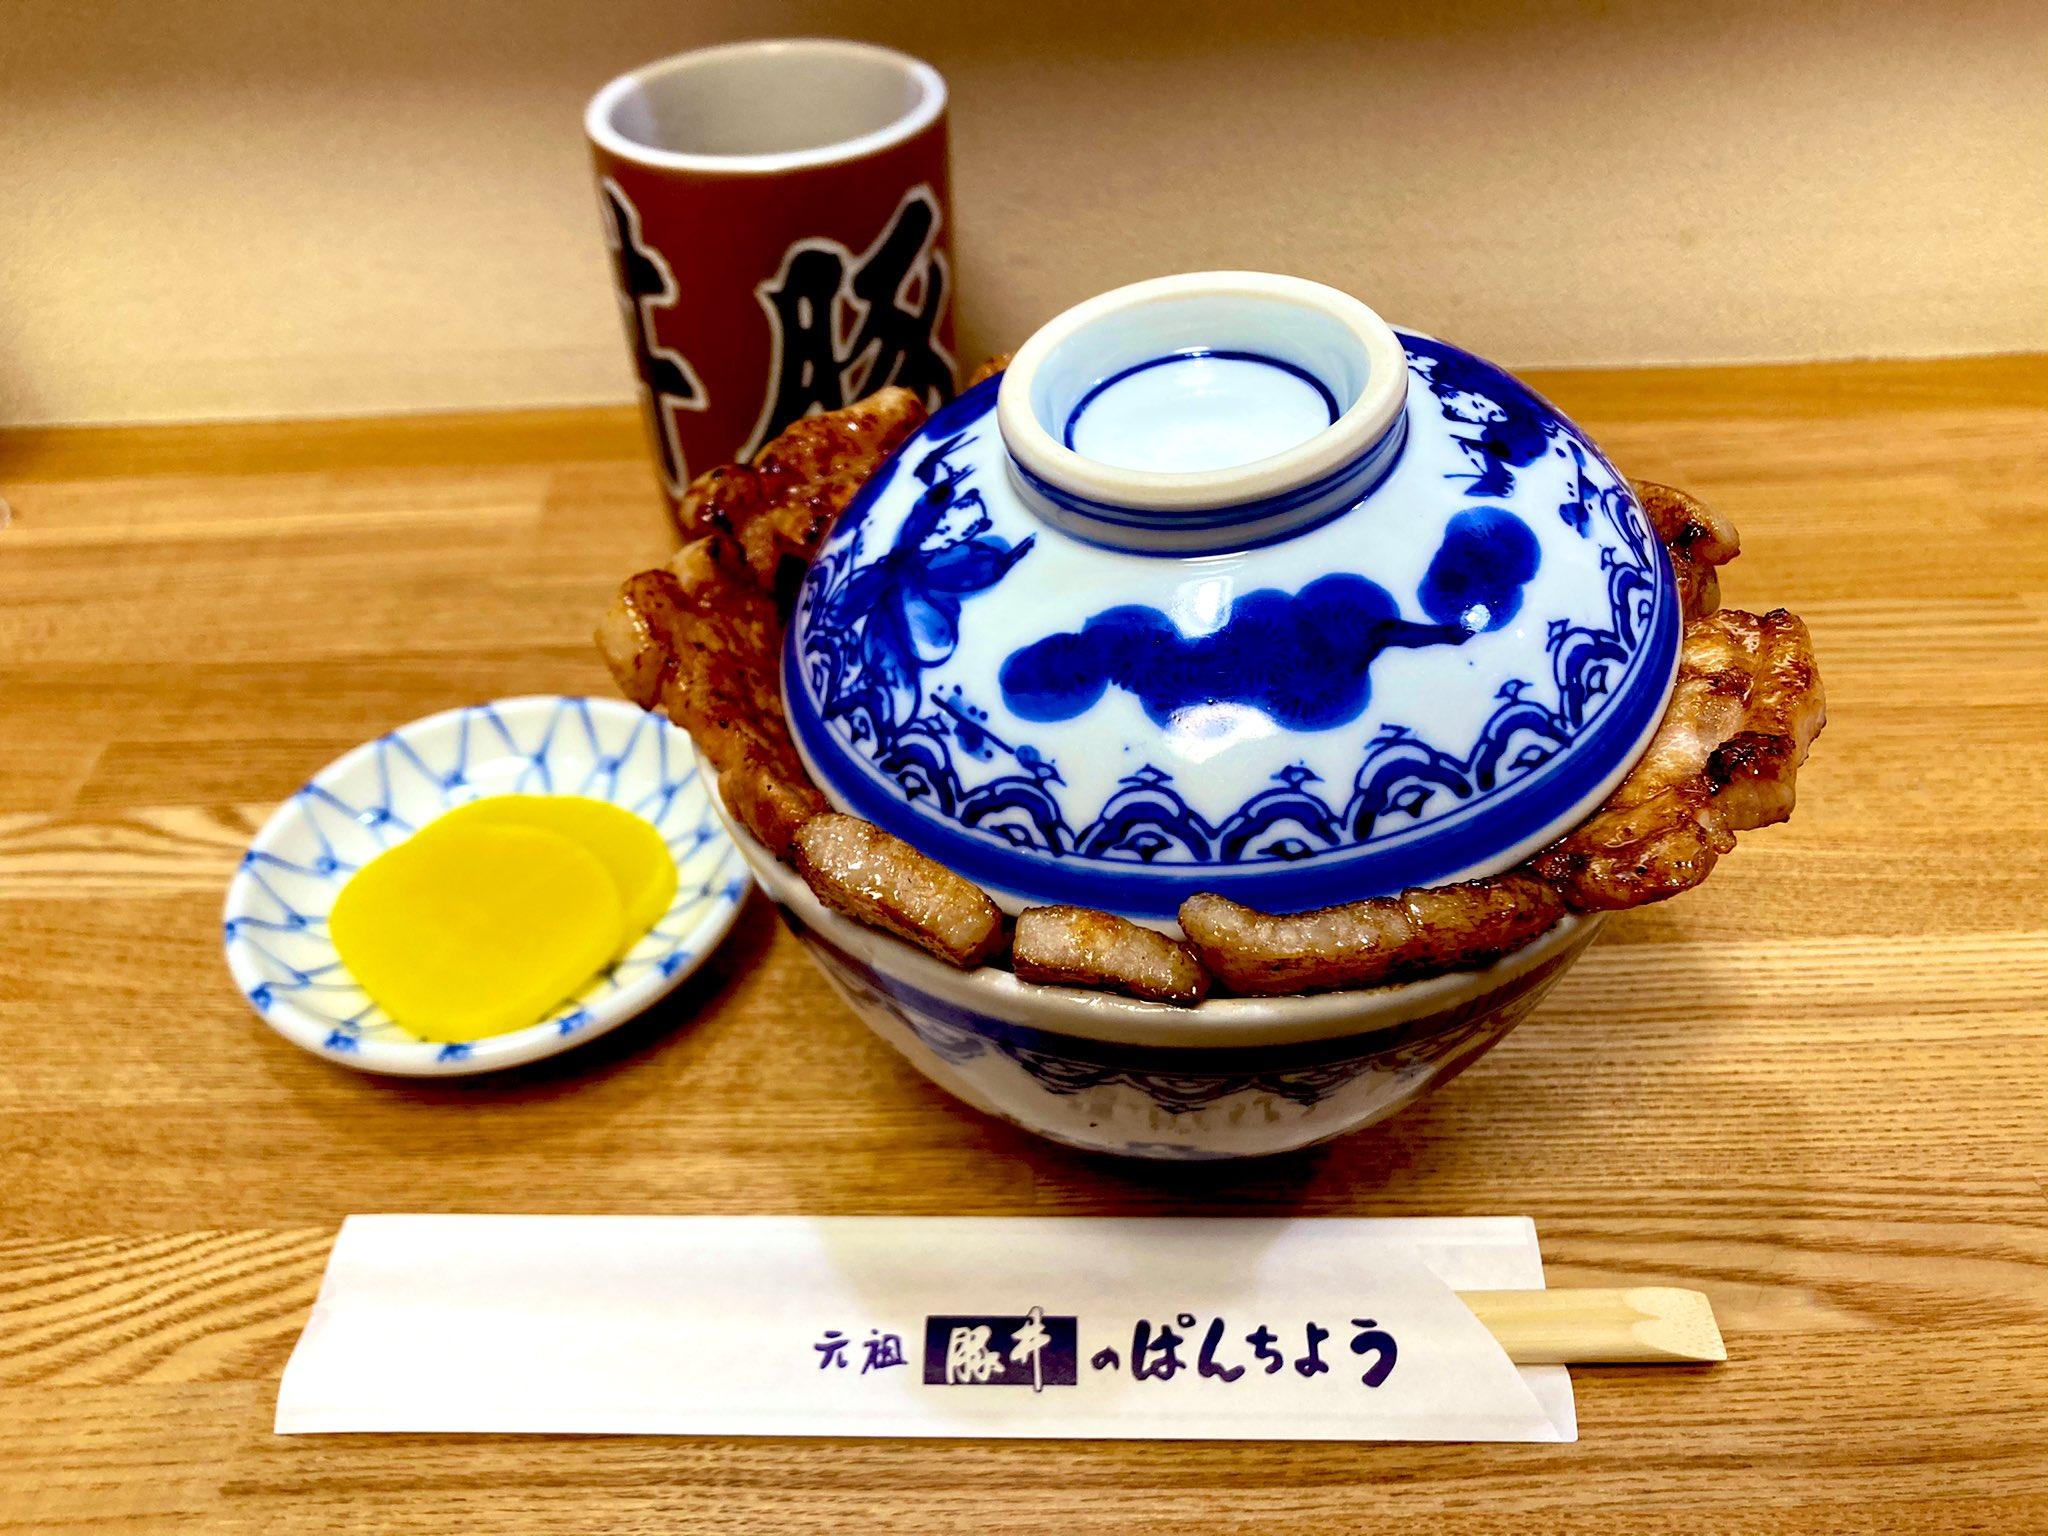 豚丼屋ぱんちょうの豚丼『華』1330円